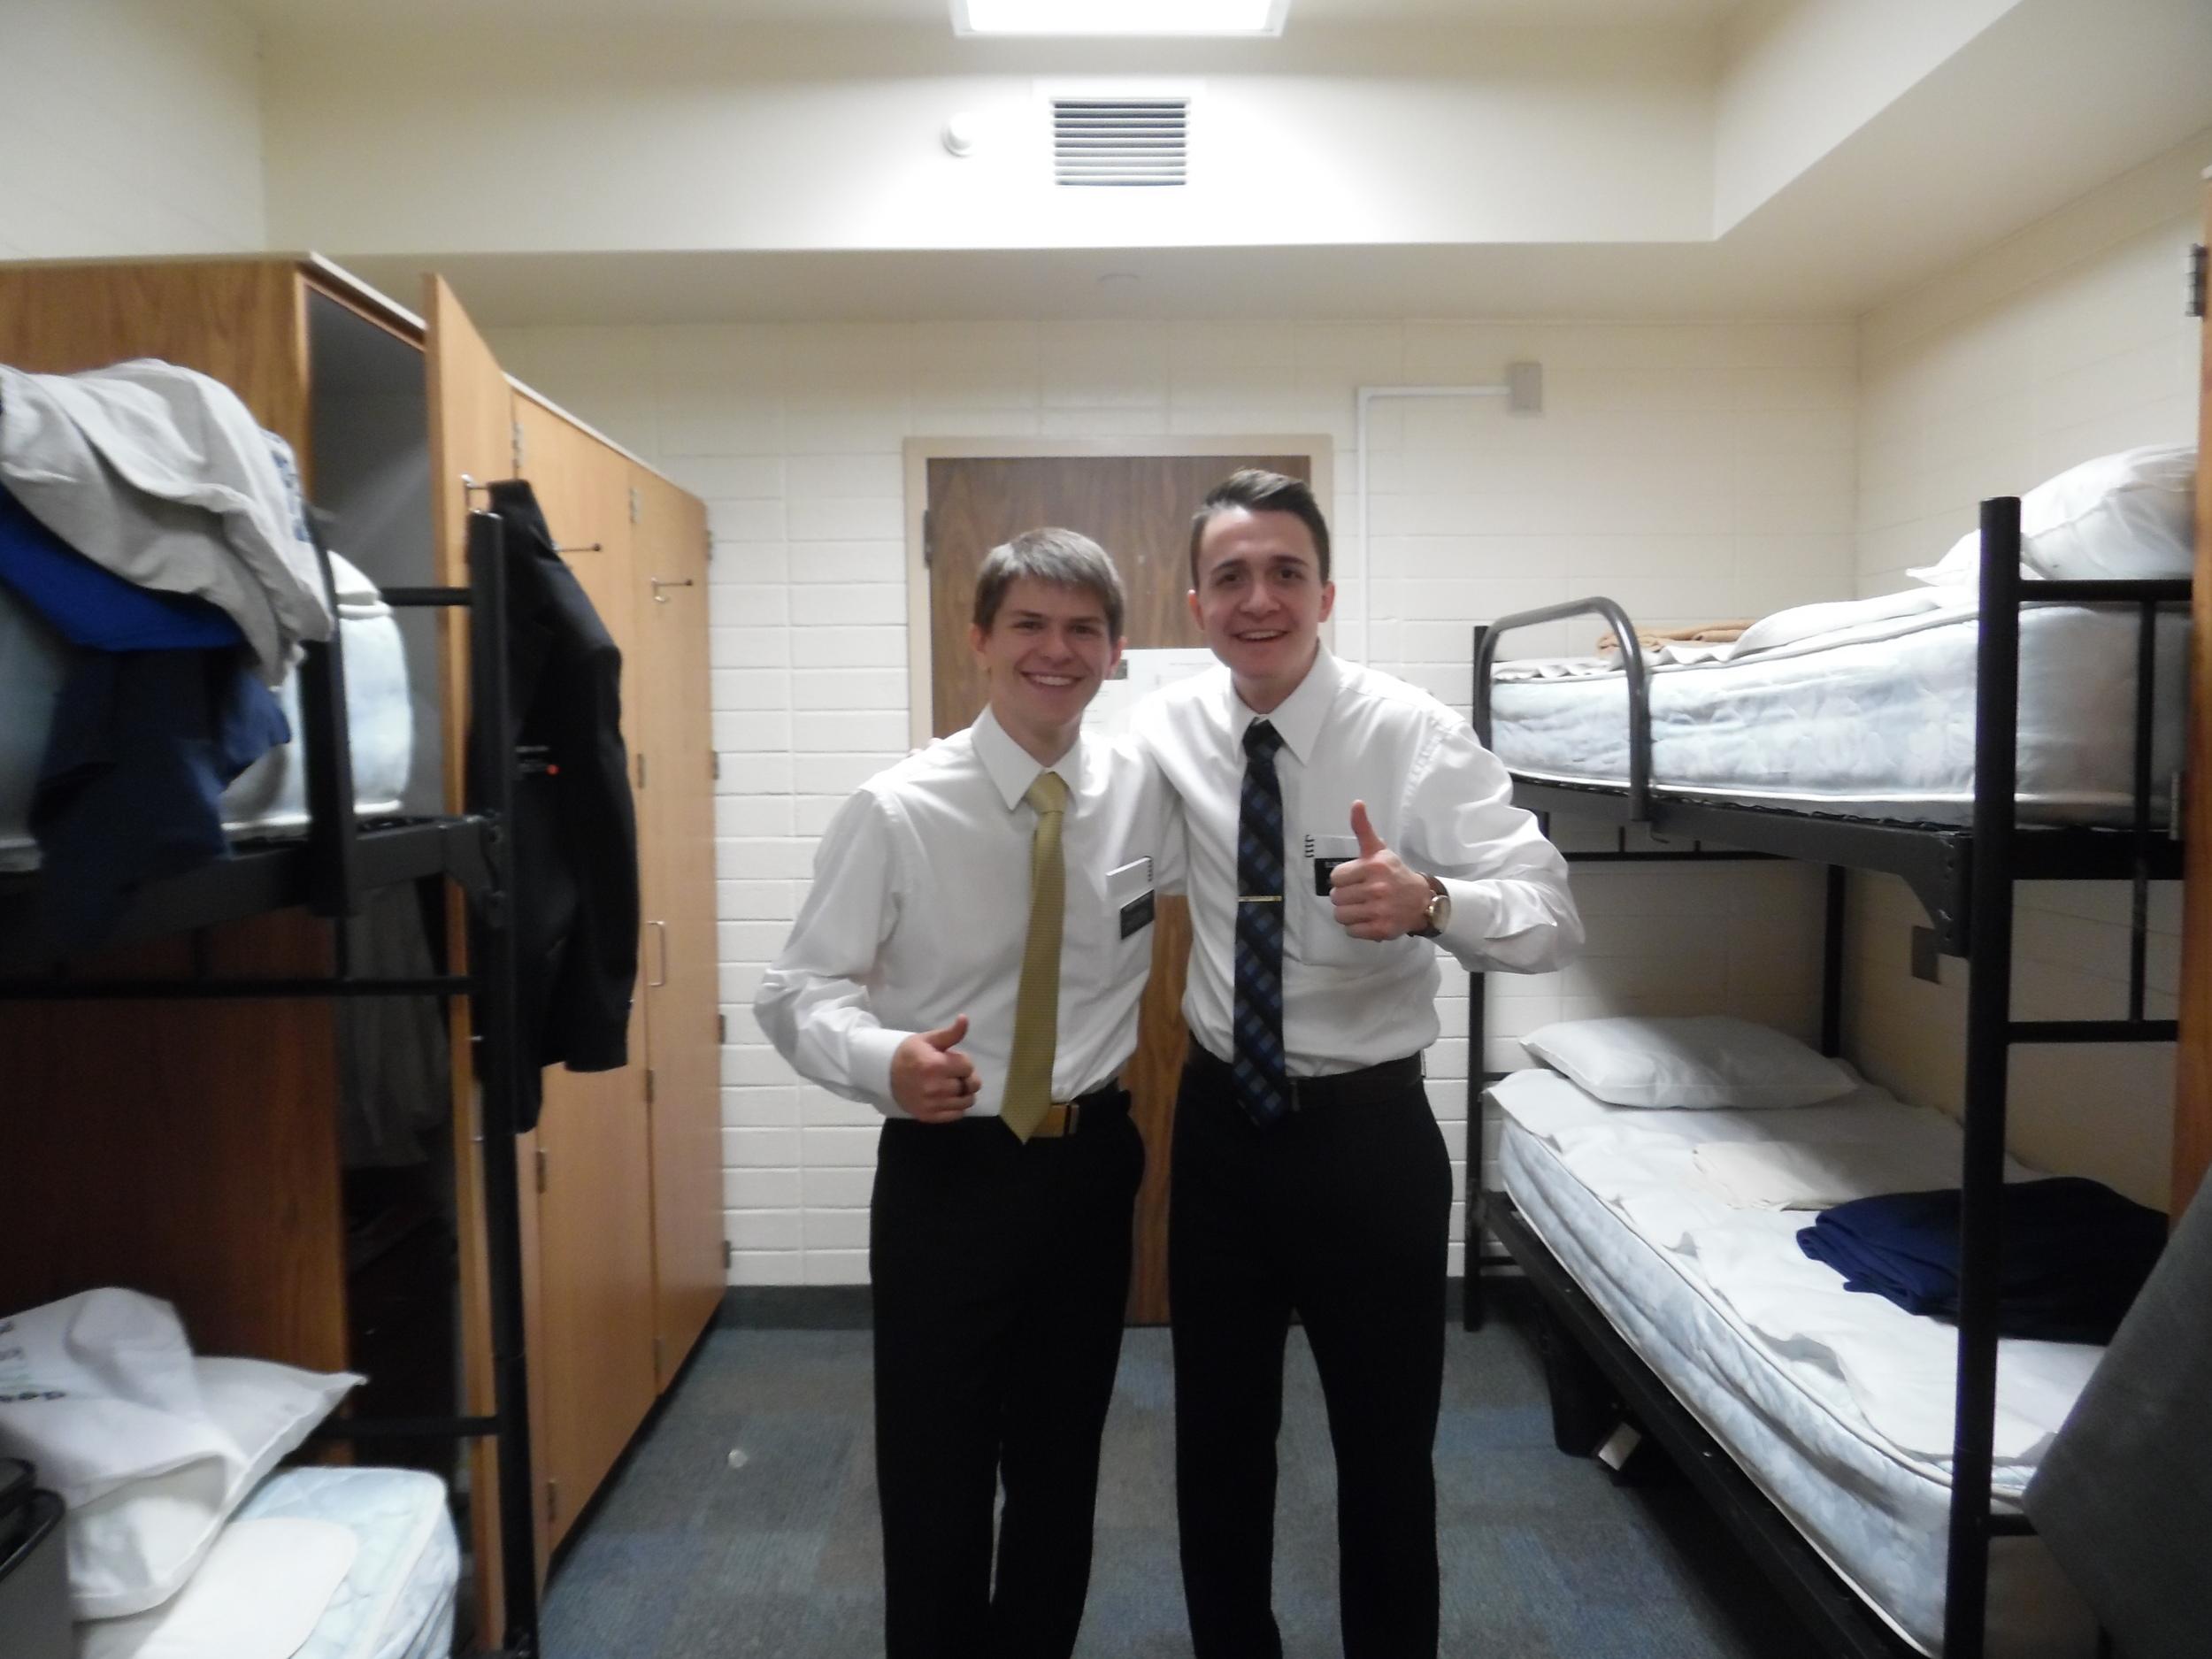 Elder Matthew Blanding and Elder Cahoon